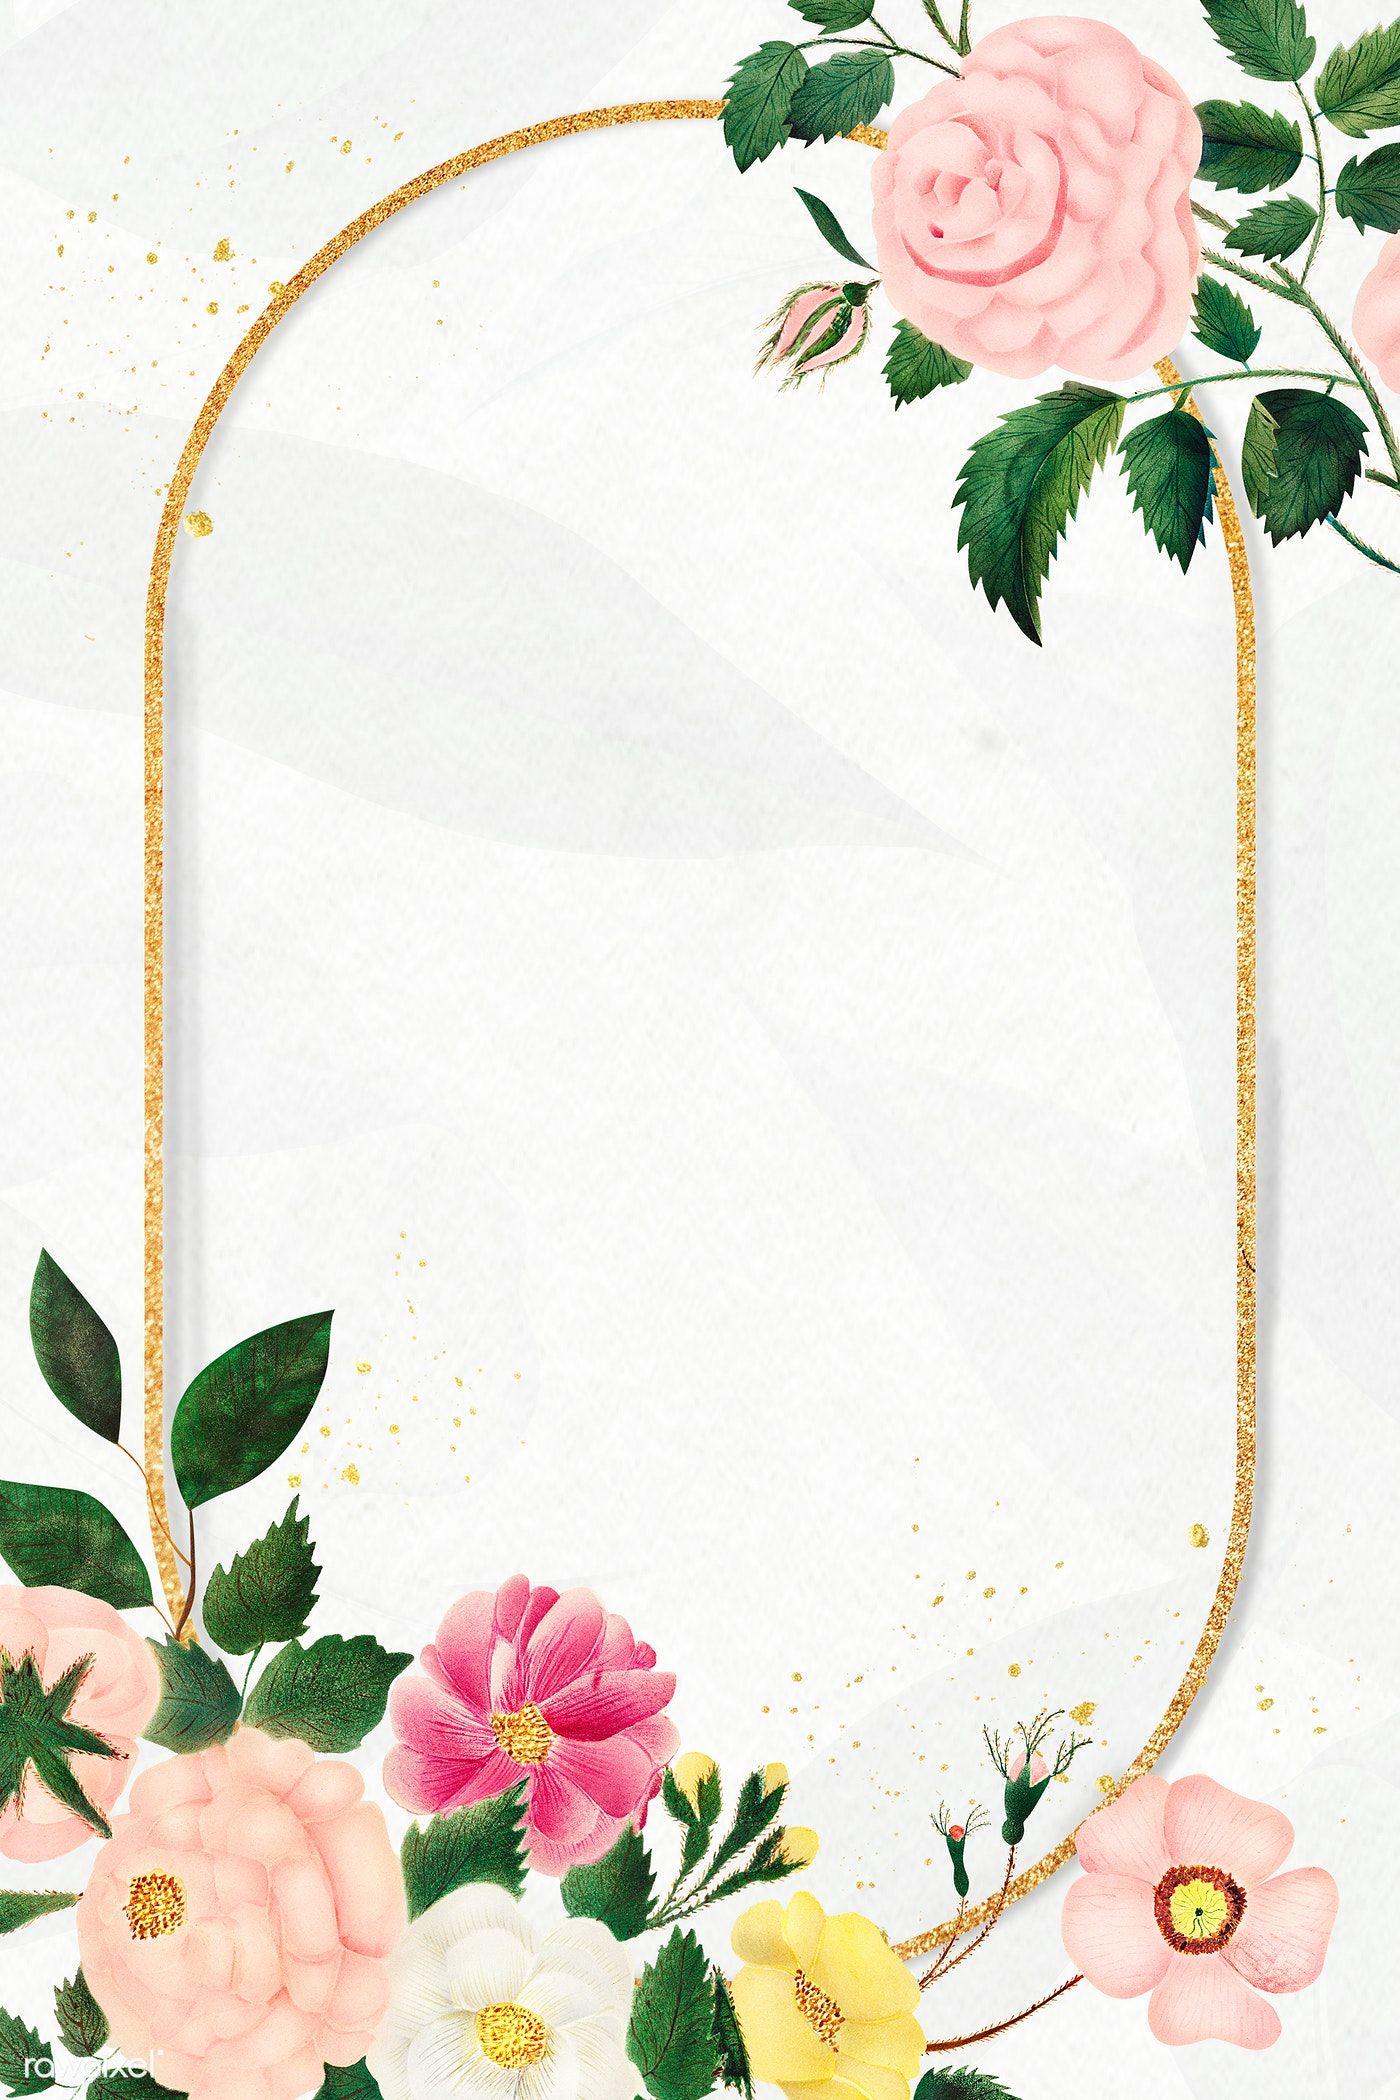 Download Premium Illustration Of Vintage Flower Frame Illustration 2209068 In 2020 Flower Frame Vintage Flowers Flower Illustration